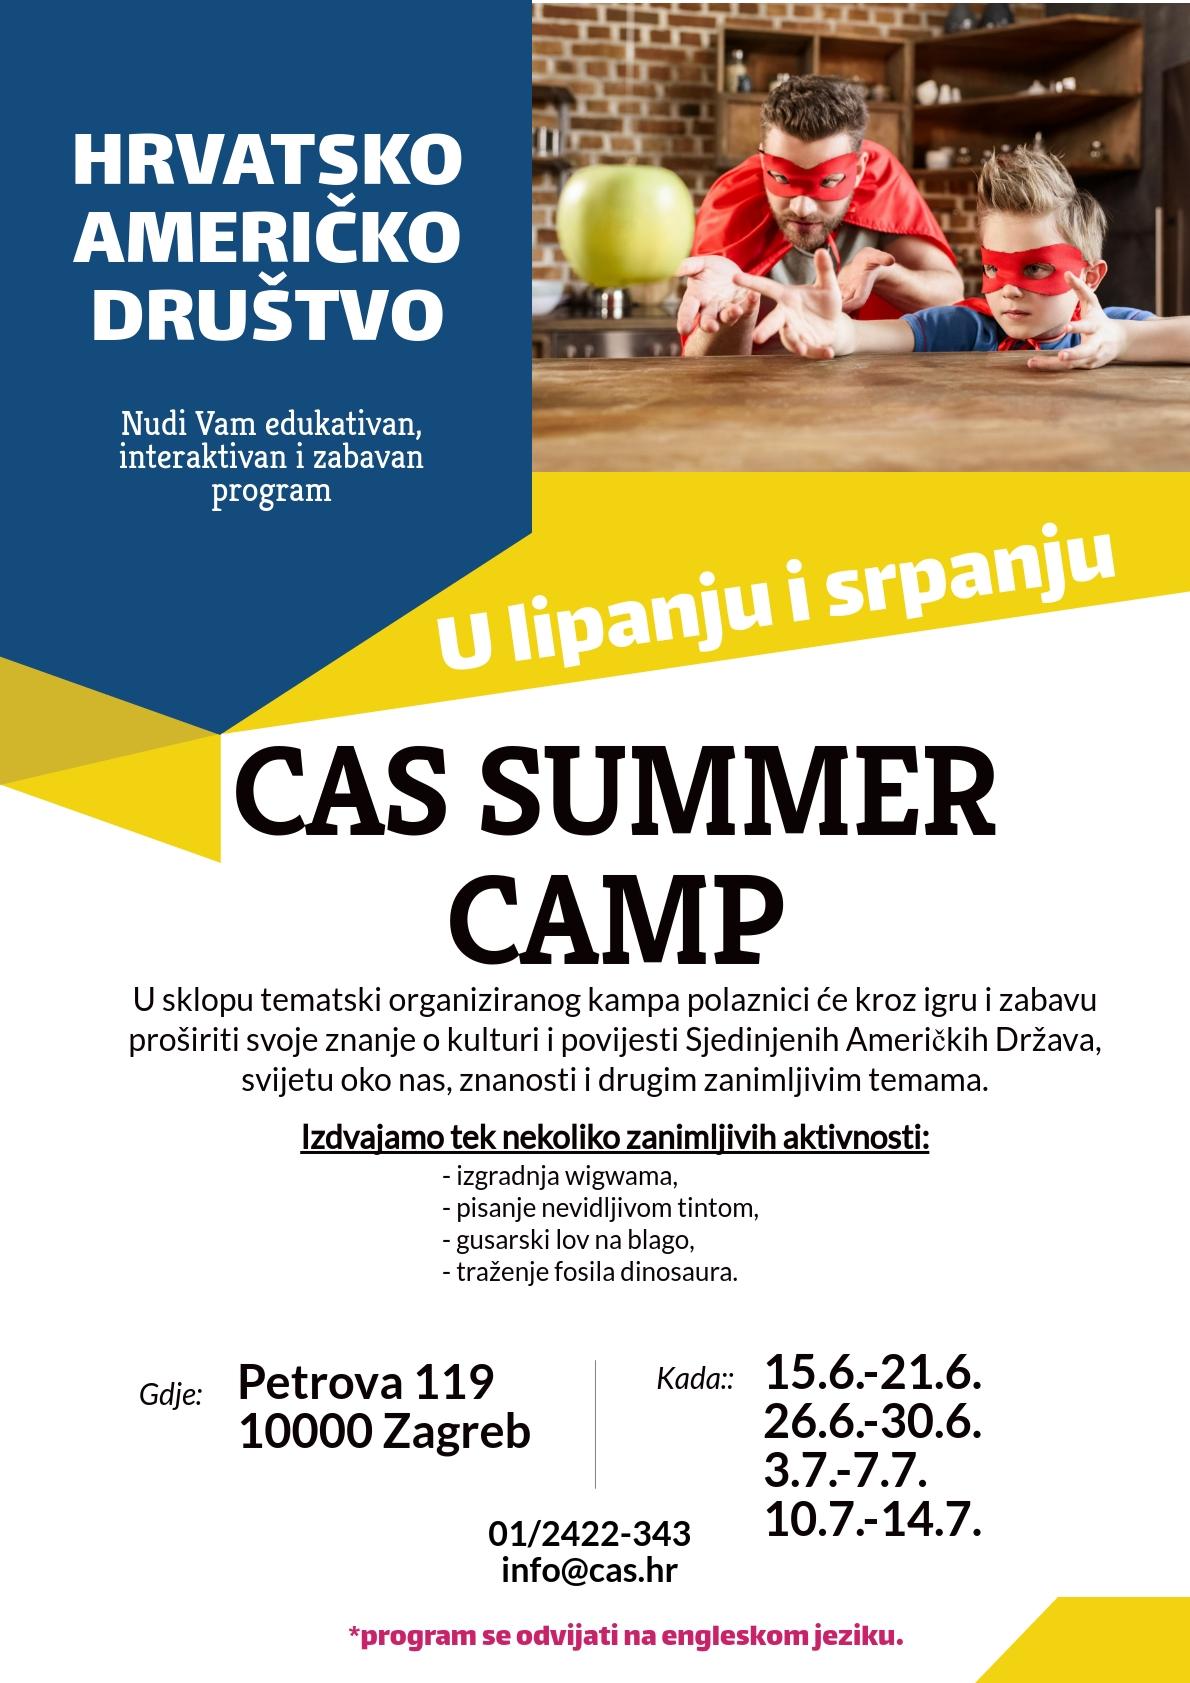 Ljetni praznici u Hrvatsko-američkom društvu